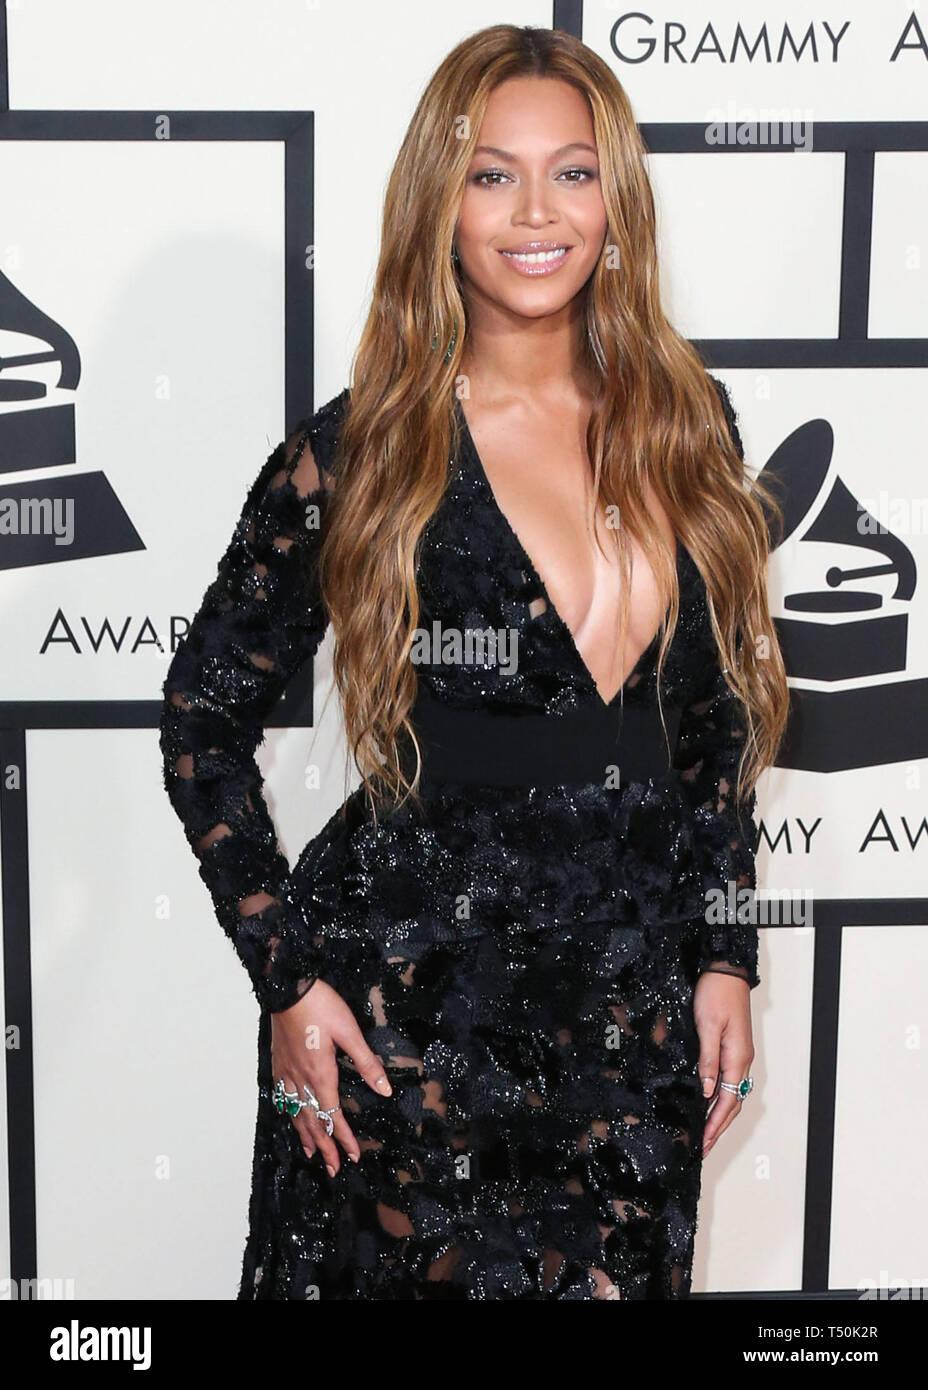 8375d36269d4 (FILE) xx Apr 2019. Beyonce la trattativa Netflix secondo come riferito che  vale